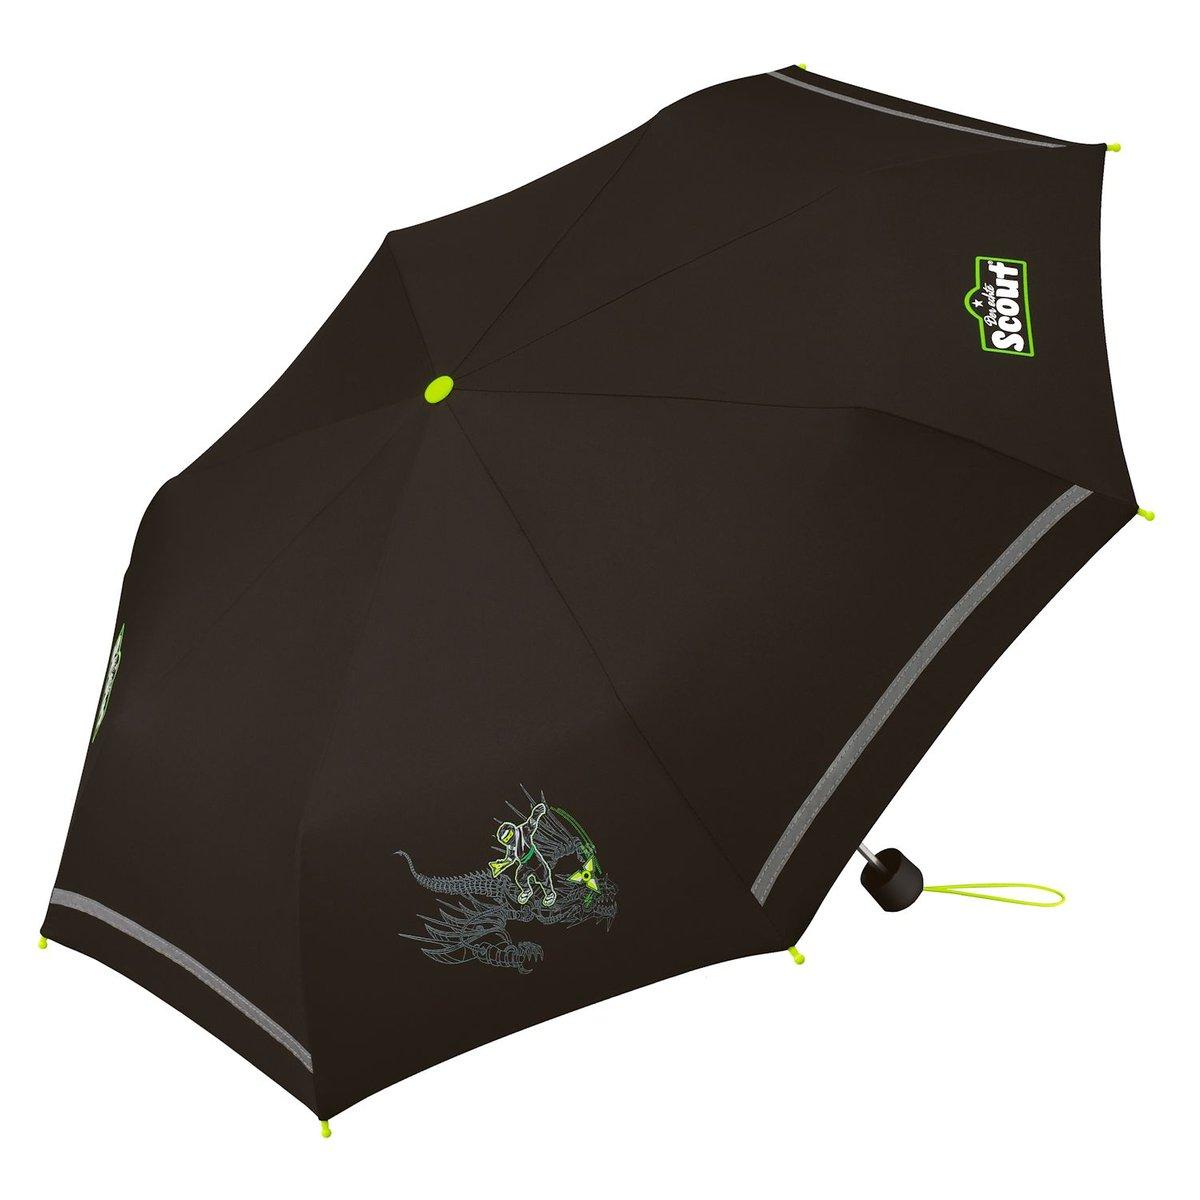 Scout Regenschirm Taschenschirm Ninja Dragon